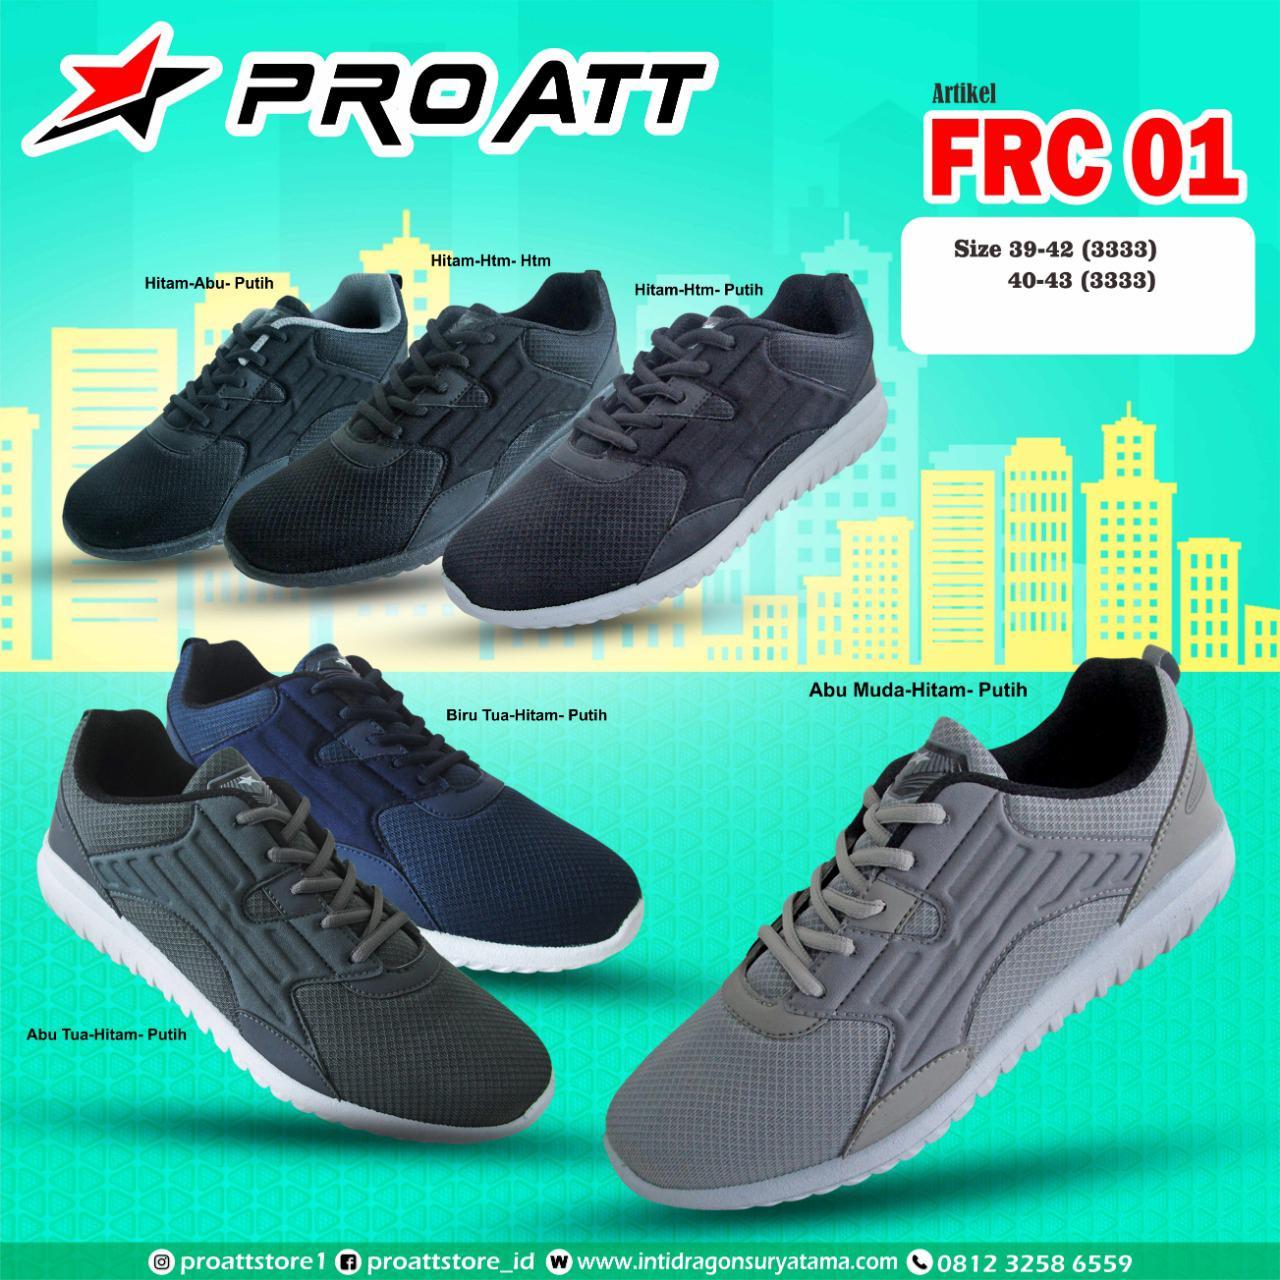 Amelia Olshop - Sepatu PRO ATT FRC 01 39-43 / Sepatu Olahraga Pria / Sepatu Pria / Sepatu Sport Pria / Sepatu Sneakers Pria / Sepatu Jogging Pria